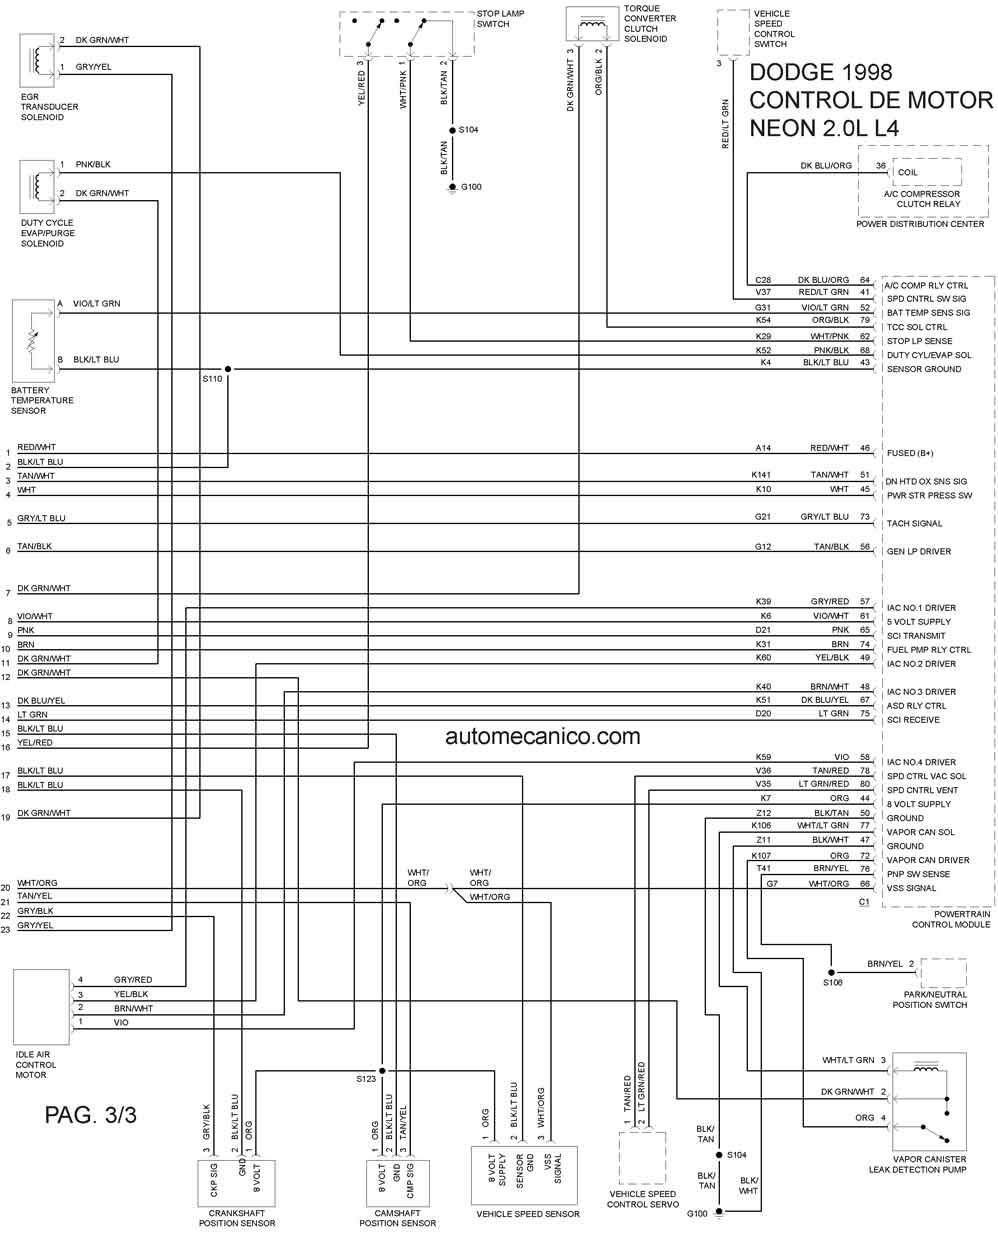 Dodge Diagramas Esquemas Vehiculos Motor1998 Mecanica